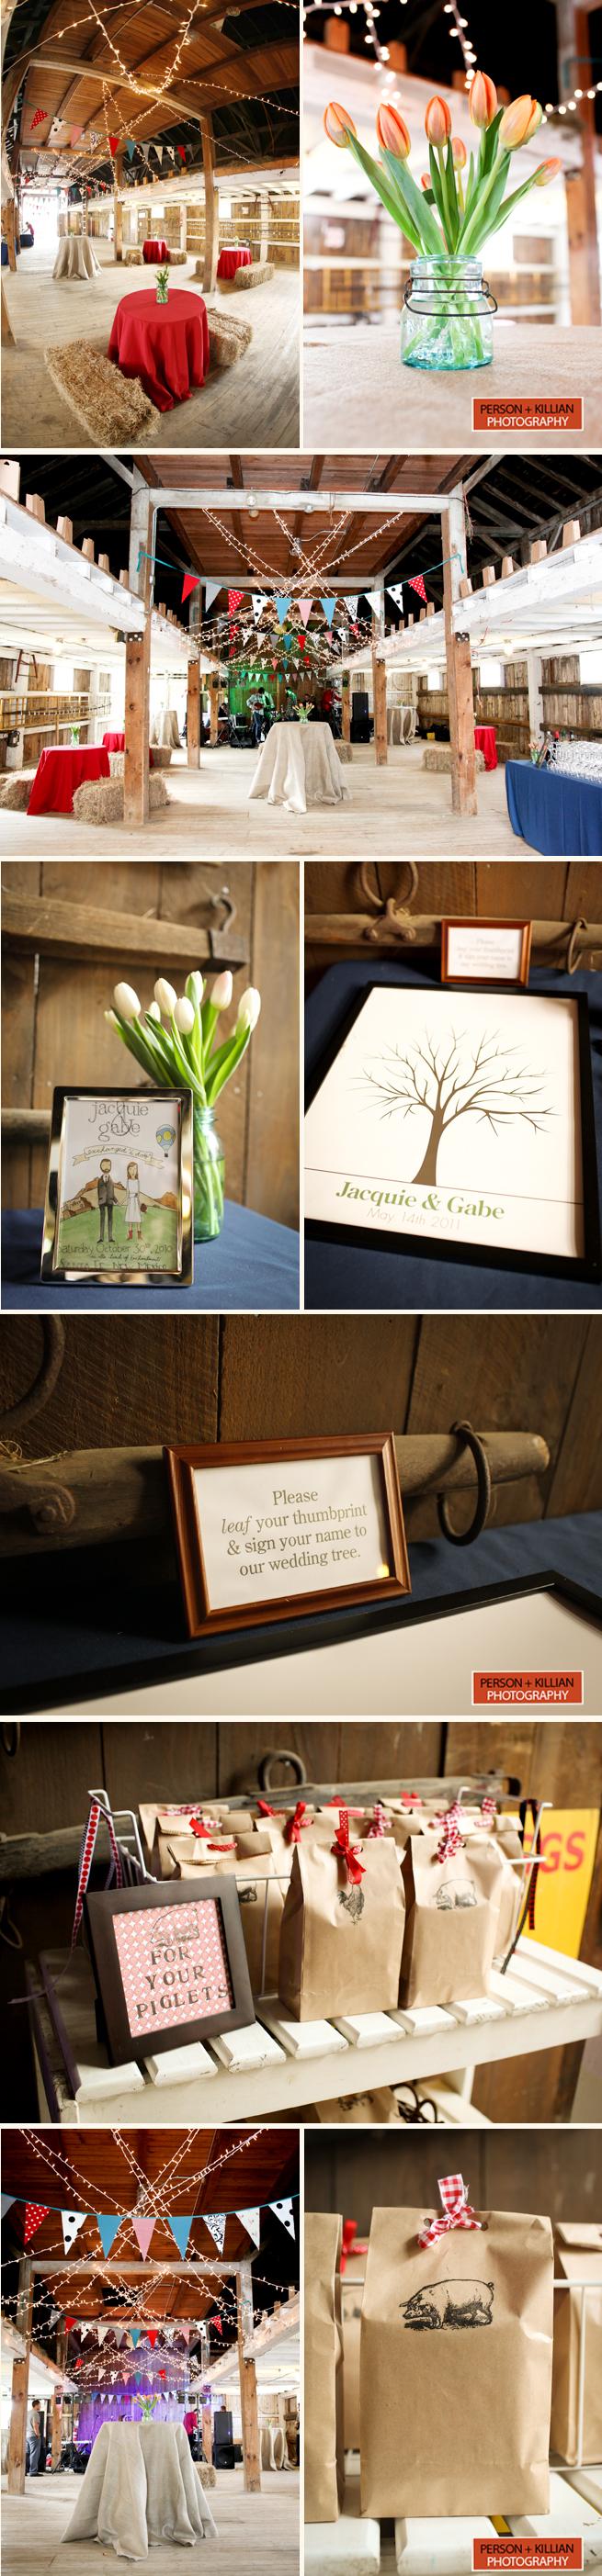 Diy Barn Style Wedding New England Codman Farm Lincoln Ma